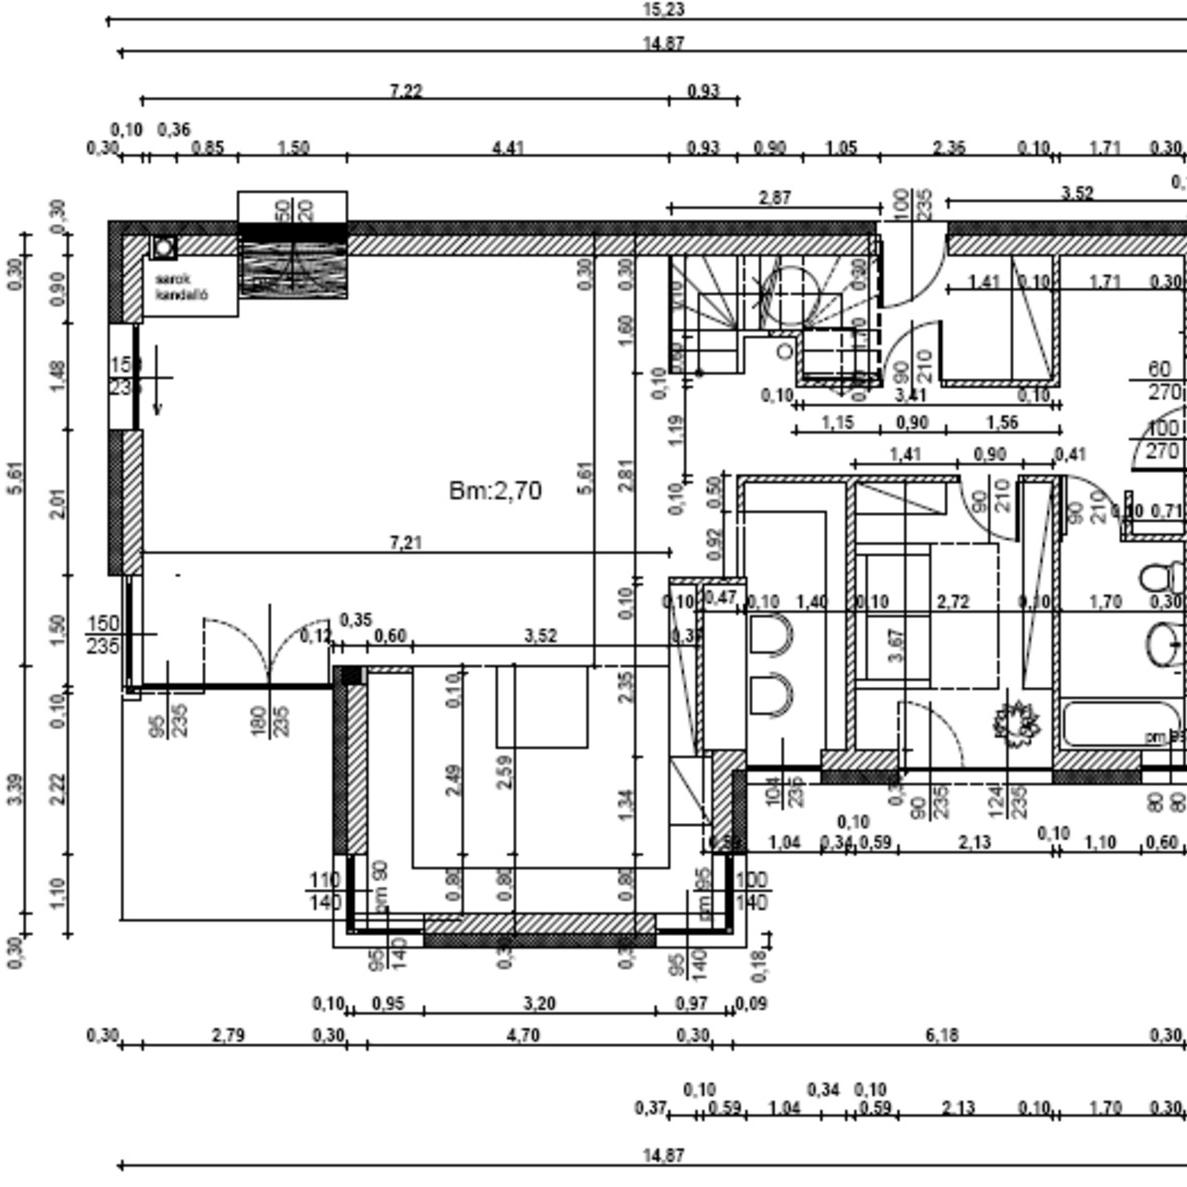 Eladó  családi ház (Budapest, II. kerületBudapest, II. kerület) 93 M  Ft